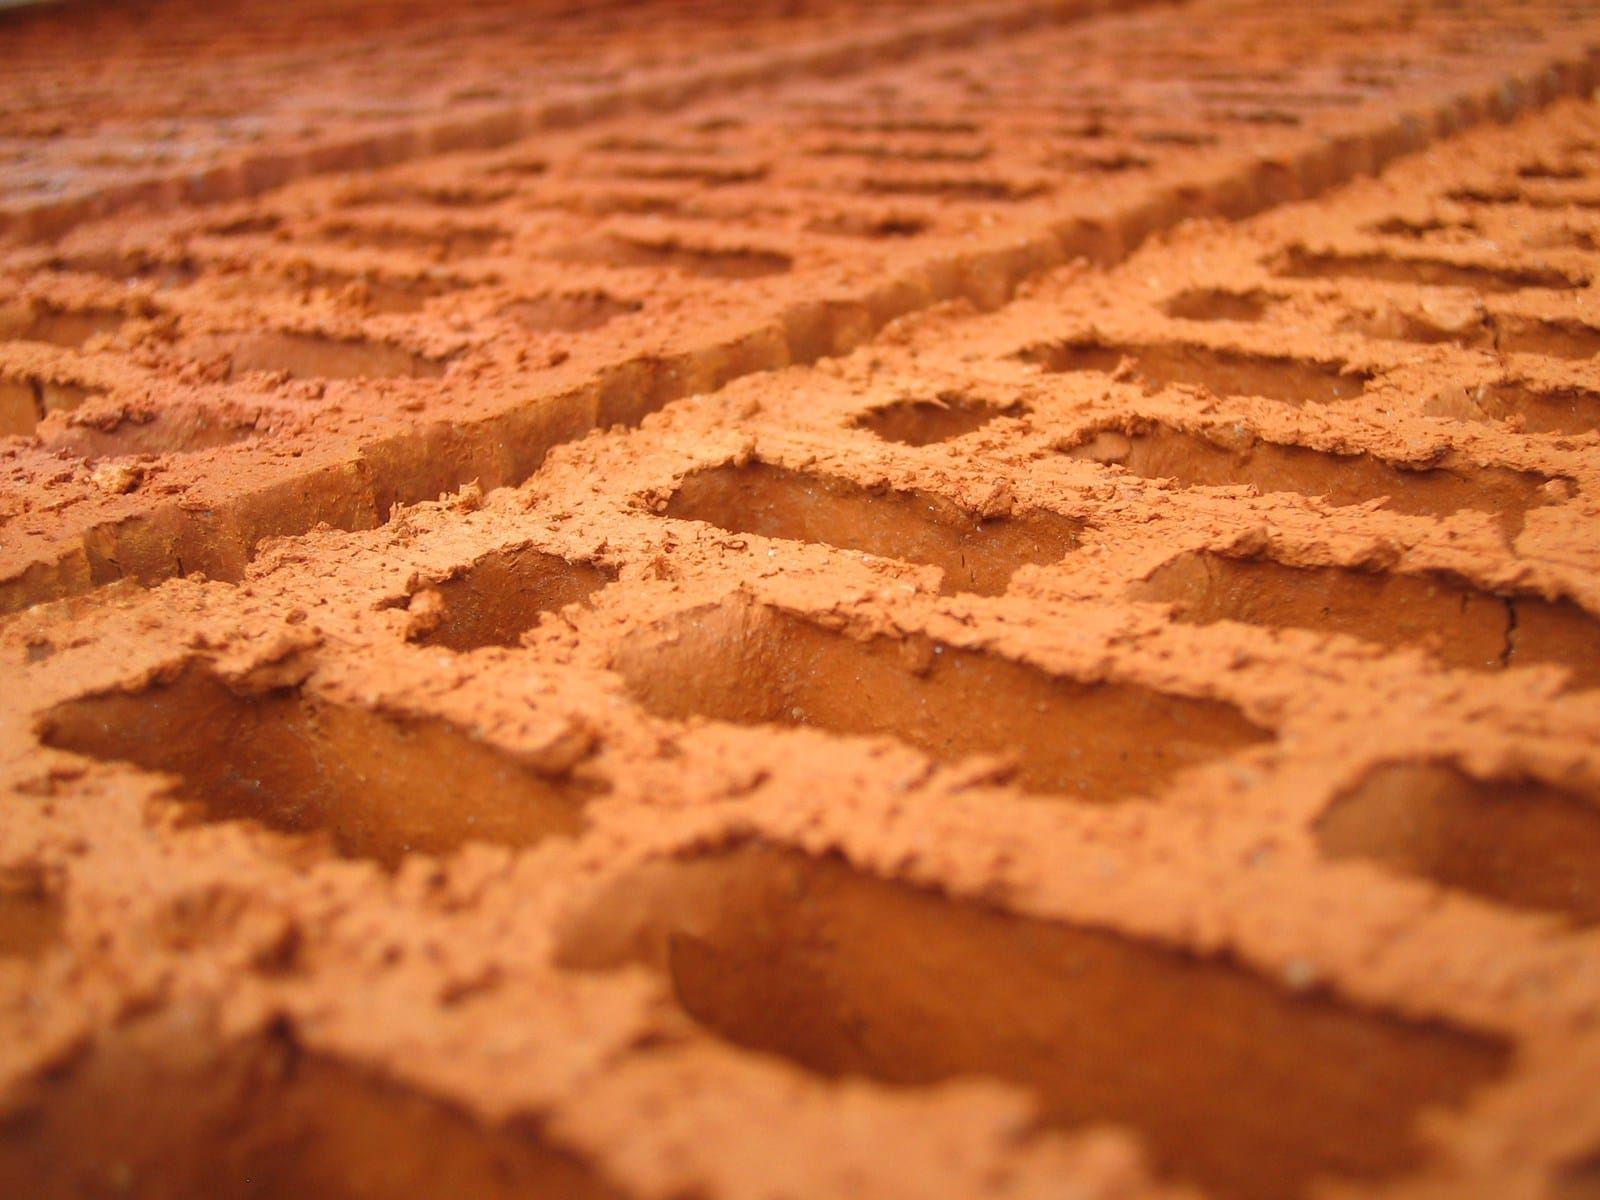 Cómo Aislar De La Humedad El Suelo Y Las Paredes De Un Semisótano Destinado A Vivienda Ladrillos Refractarios Baldosas De Cemento Como Pegar Ladrillos